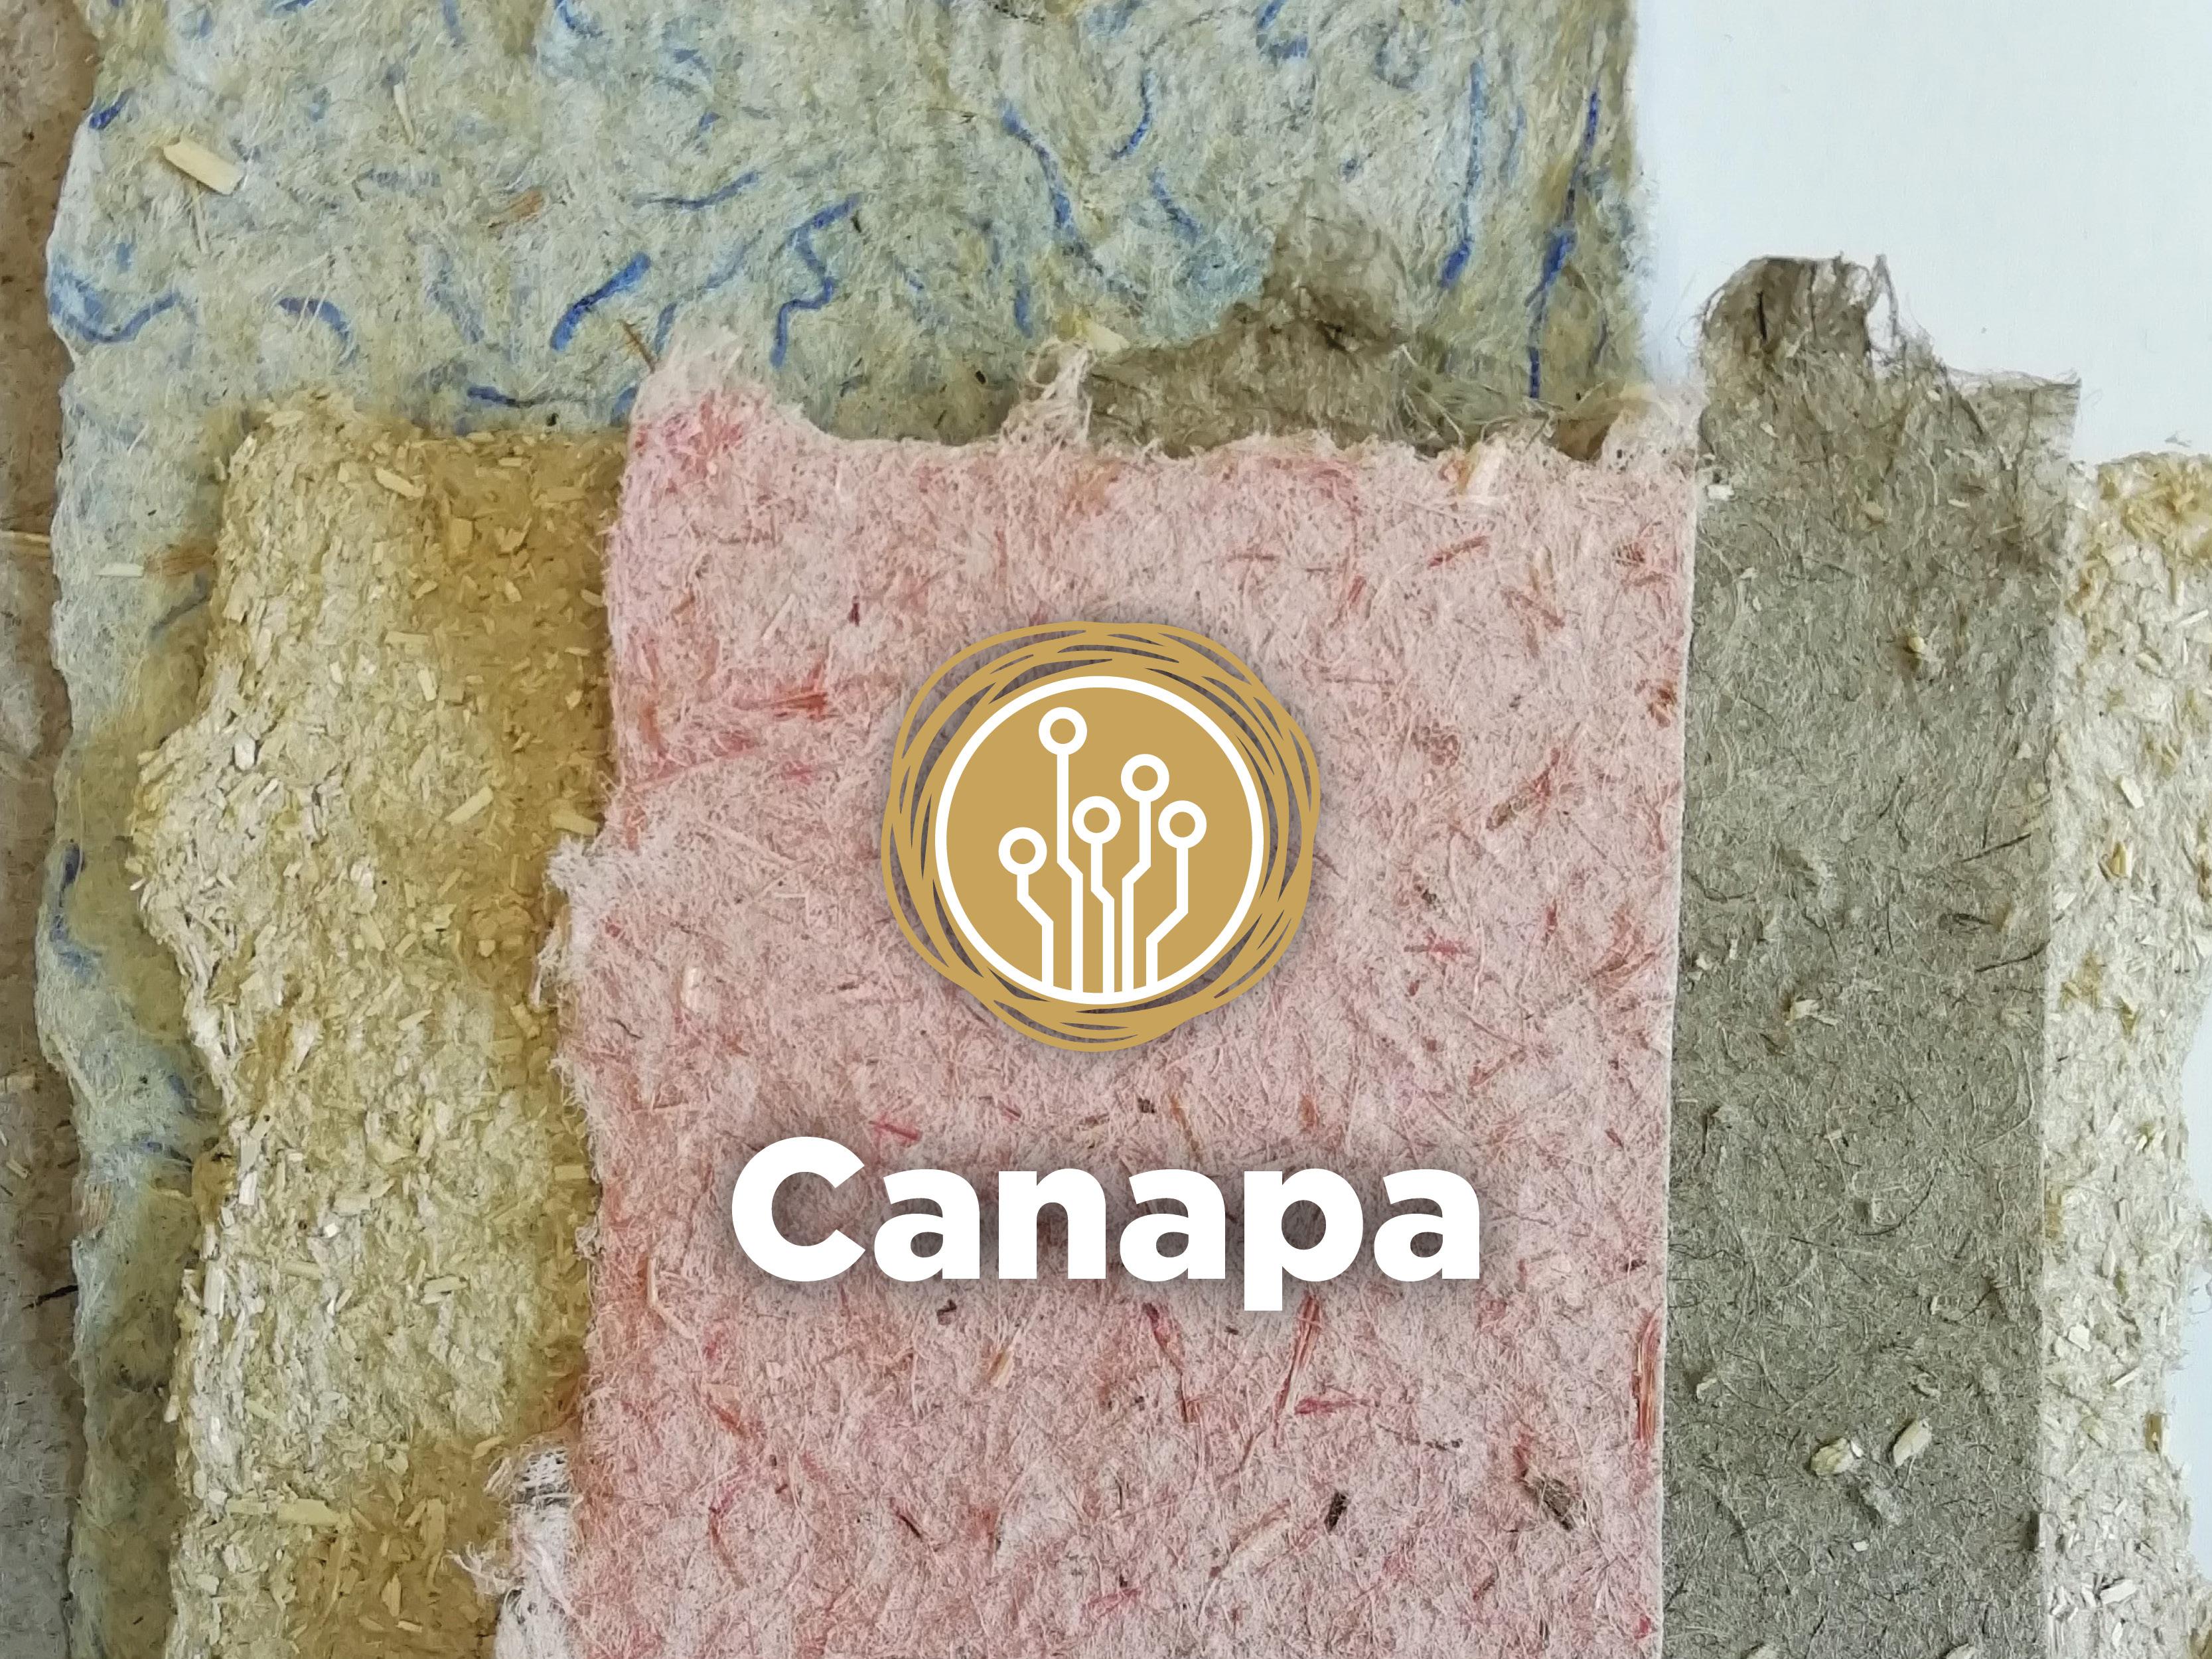 Carta di Canapa 26 Maggio (domenica) a Udine - COMPLETO